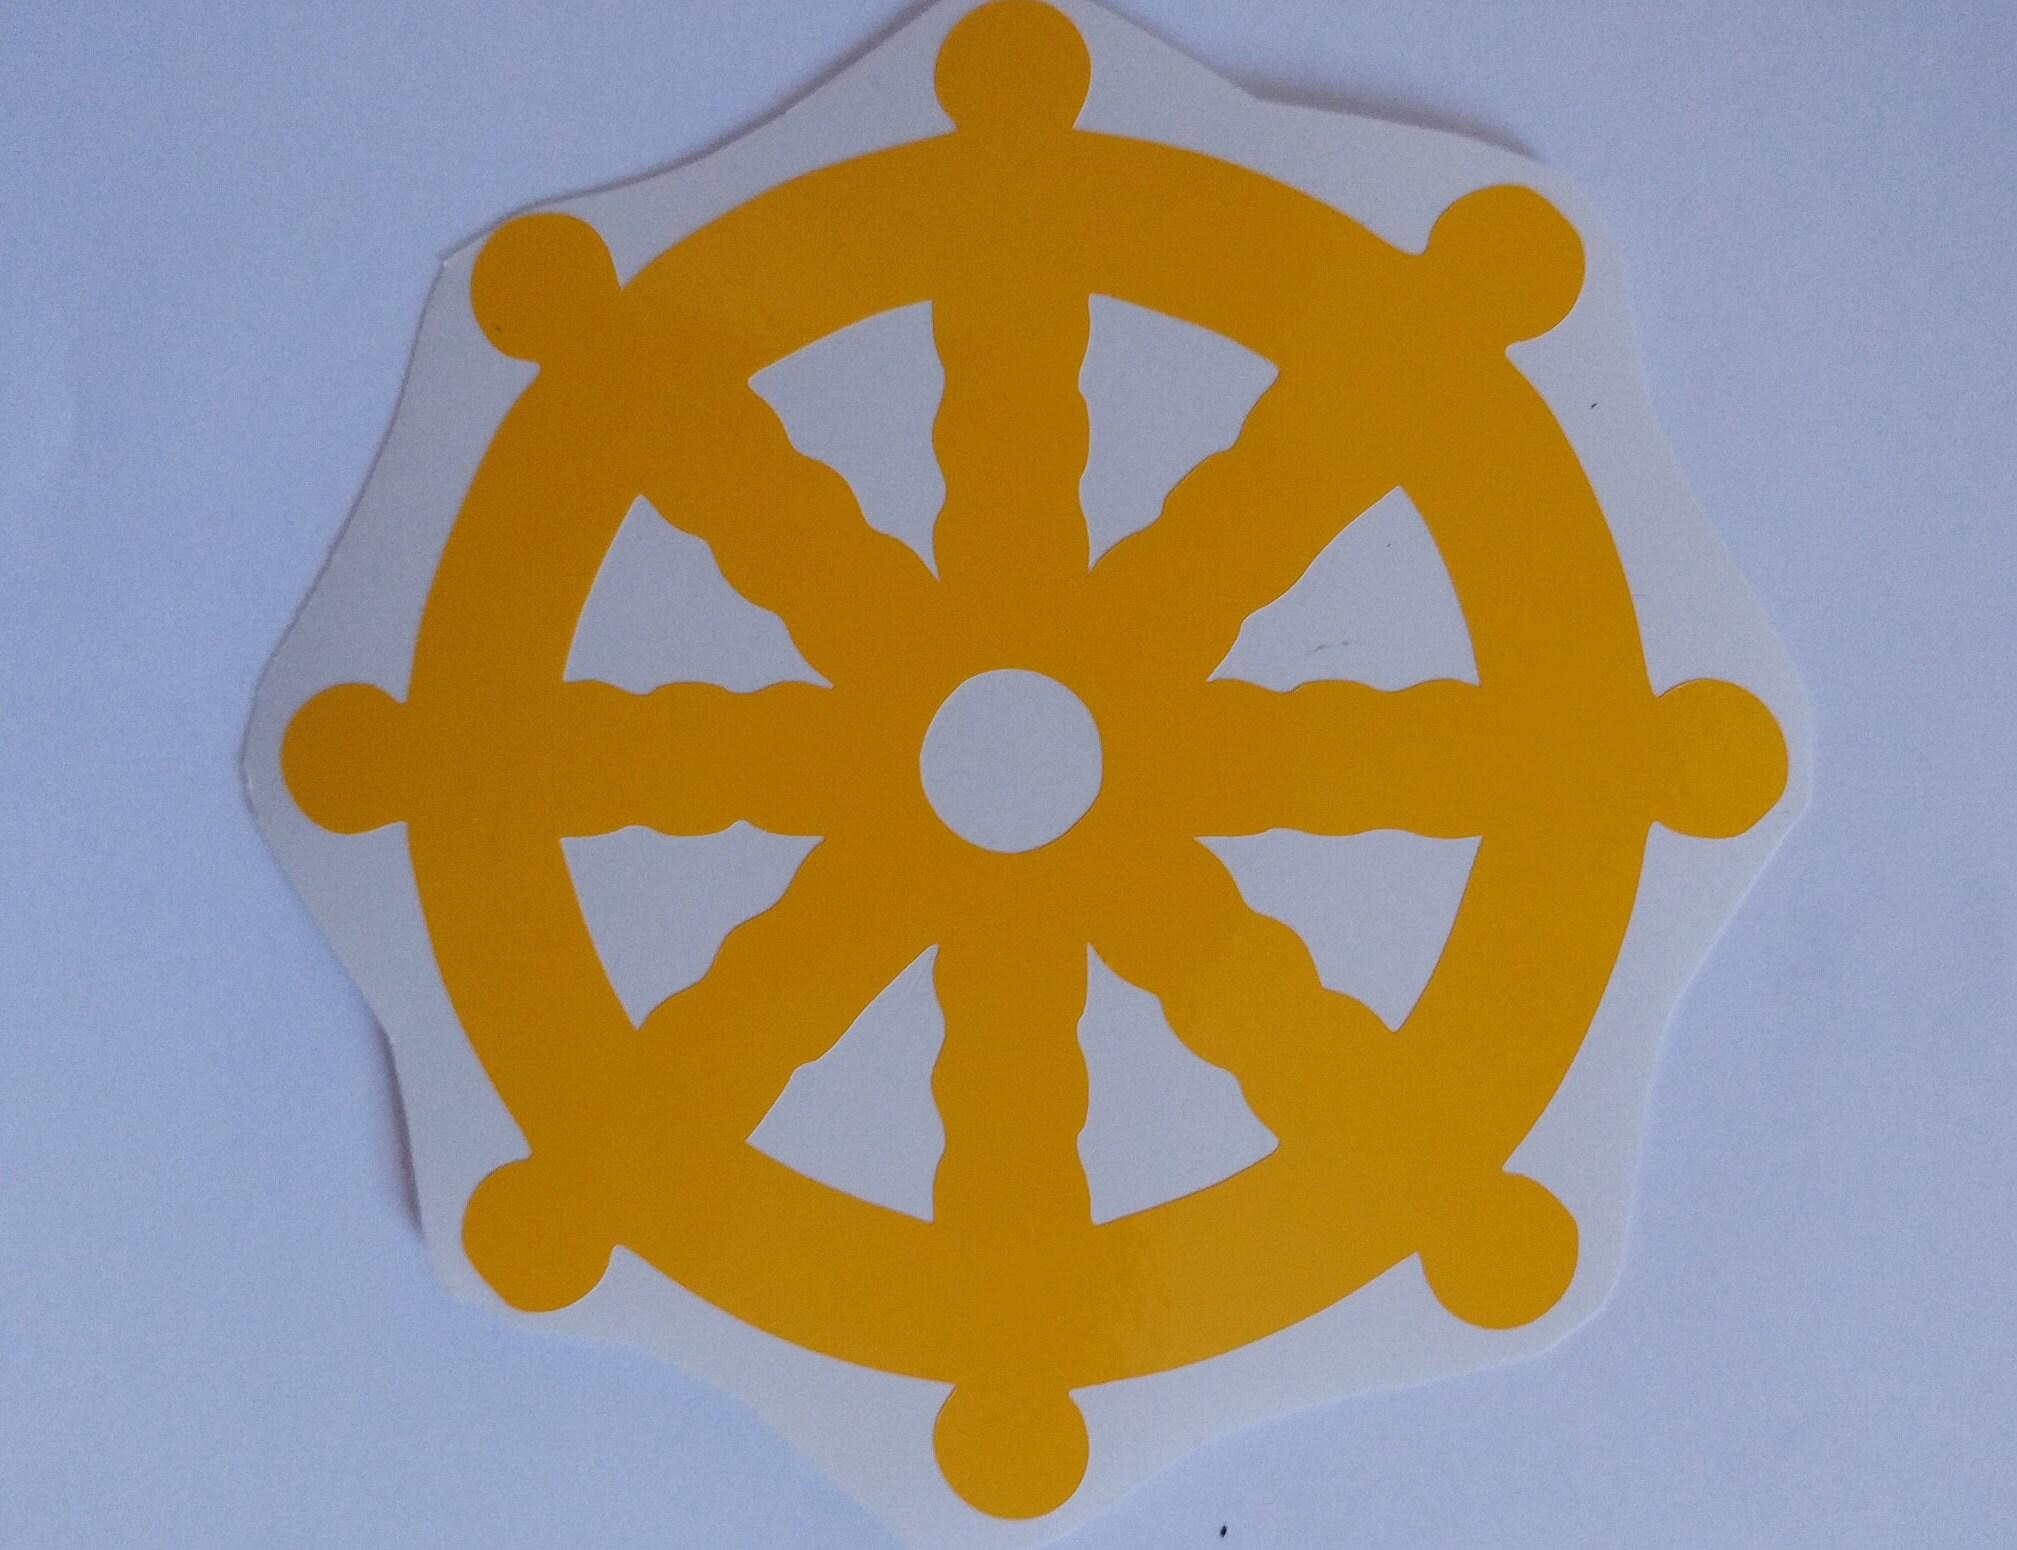 Dharma Wheel Dharmachakra Ashtamangala Jainism Etsy